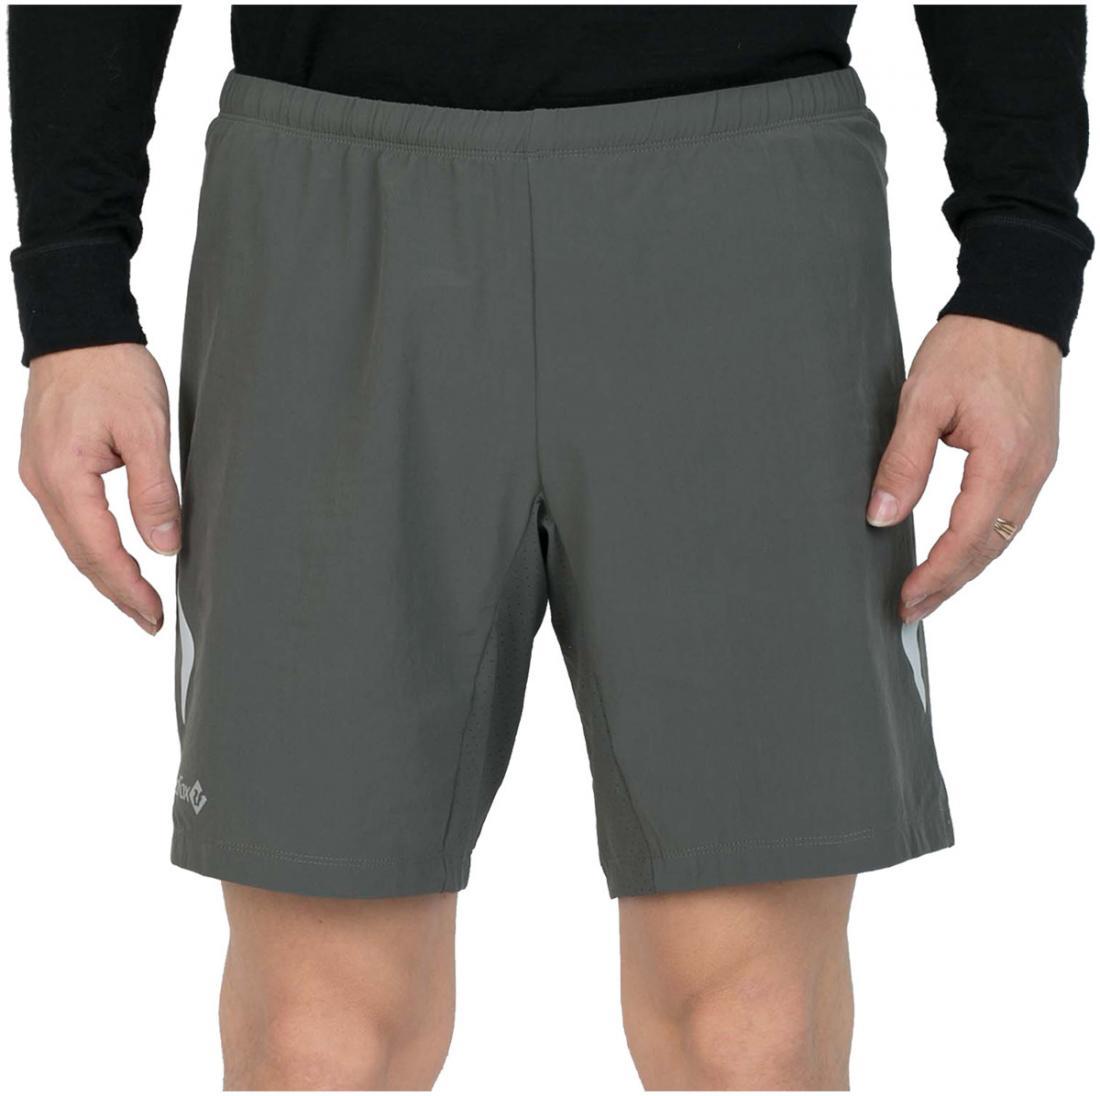 Шорты Race IIШорты, бриджи<br><br> Легкие спортивные шорты свободного кроя. выполнены из эластичного материала с высокими показателями отведения и испарения влаги, что позволяет использовать изделие для занятий активными видами спорта на открытом воздухе.<br><br><br>основное ...<br><br>Цвет: Серый<br>Размер: 48